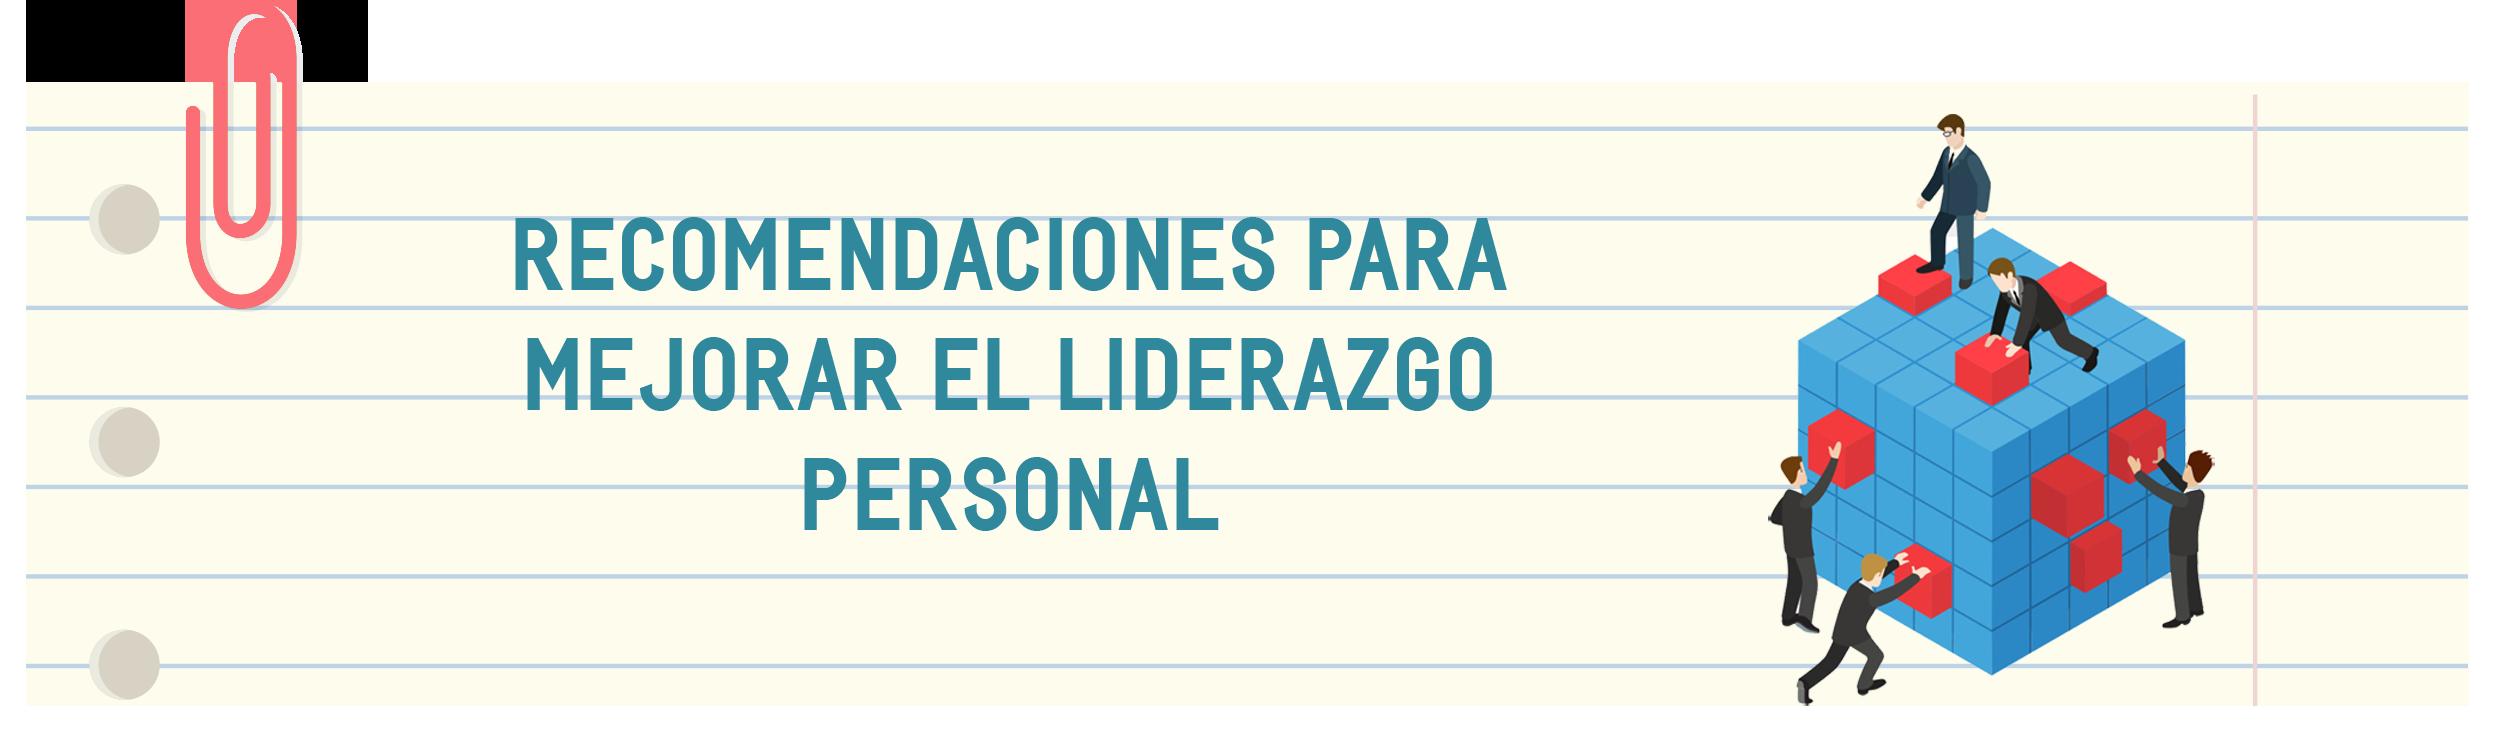 recomendaciones_para_mejorar_el_liderazgo_personal_analisis_conducta.png